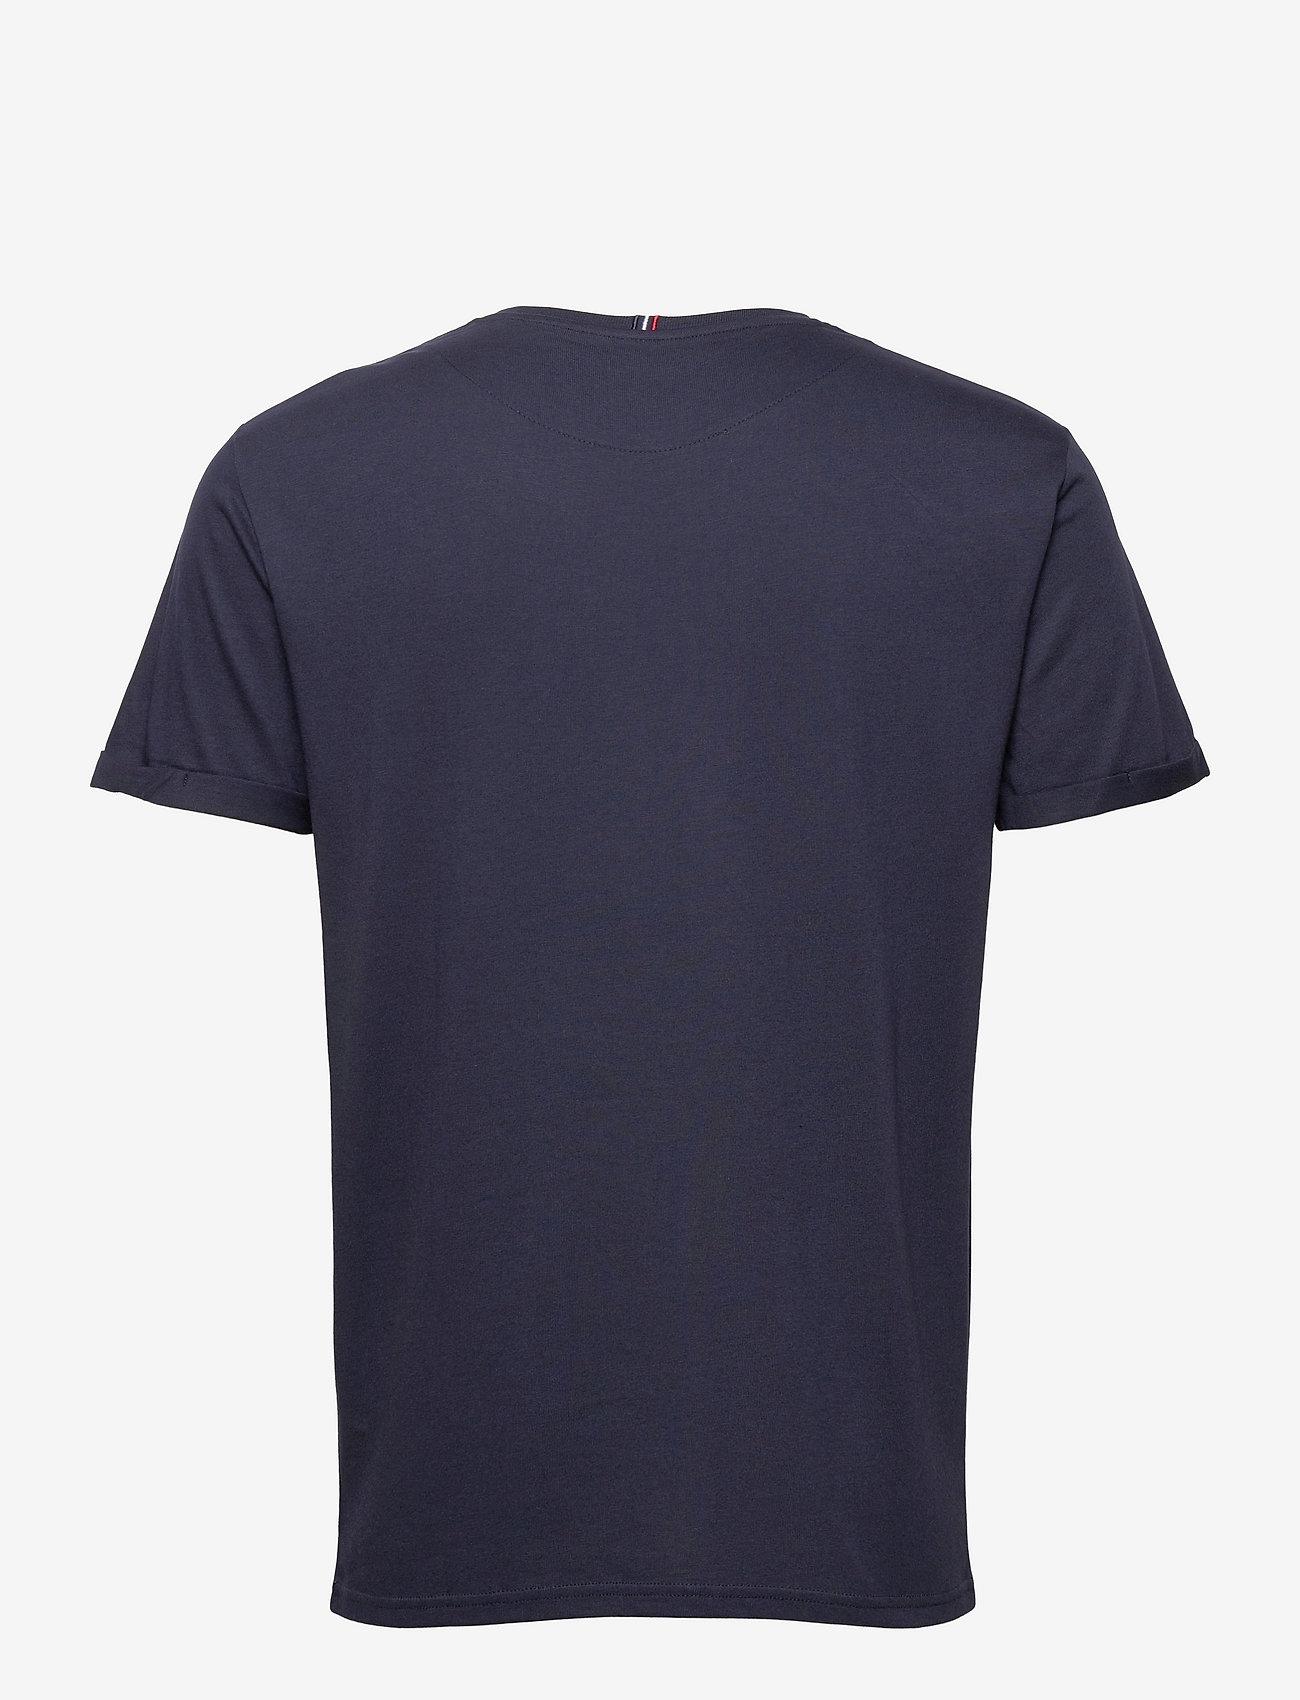 Les Deux - Encore Bouclé T-Shirt - korte mouwen - dark navy/ivory - 1